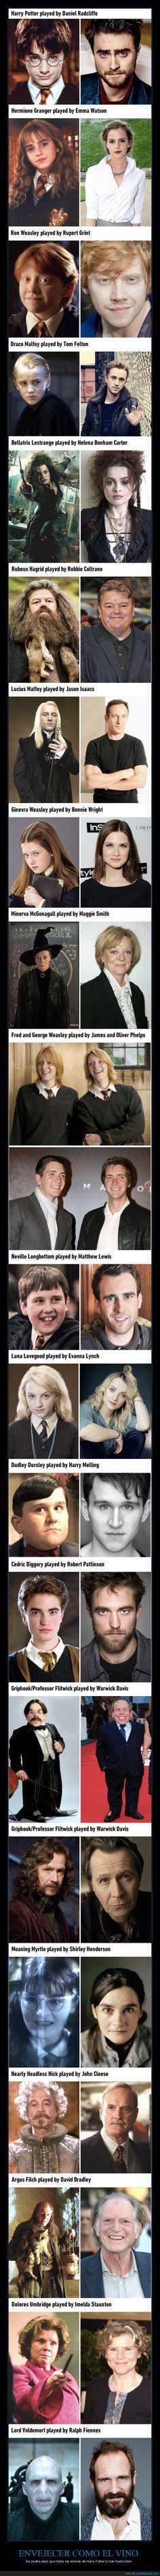 Si echamos la vista atrás, vemos que los actores de Harry Potter han envejecido mejor que el vino - Se podría decir que todos los actores de Harry Potter lo han hecho bien   Gracias a http://www.cuantarazon.com/   Si quieres leer la noticia completa visita: http://www.skylight-imagen.com/si-echamos-la-vista-atras-vemos-que-los-actores-de-harry-potter-han-envejecido-mejor-que-el-vino-se-podria-decir-que-todos-los-actores-de-harry-potter-lo-han-hecho-bien/